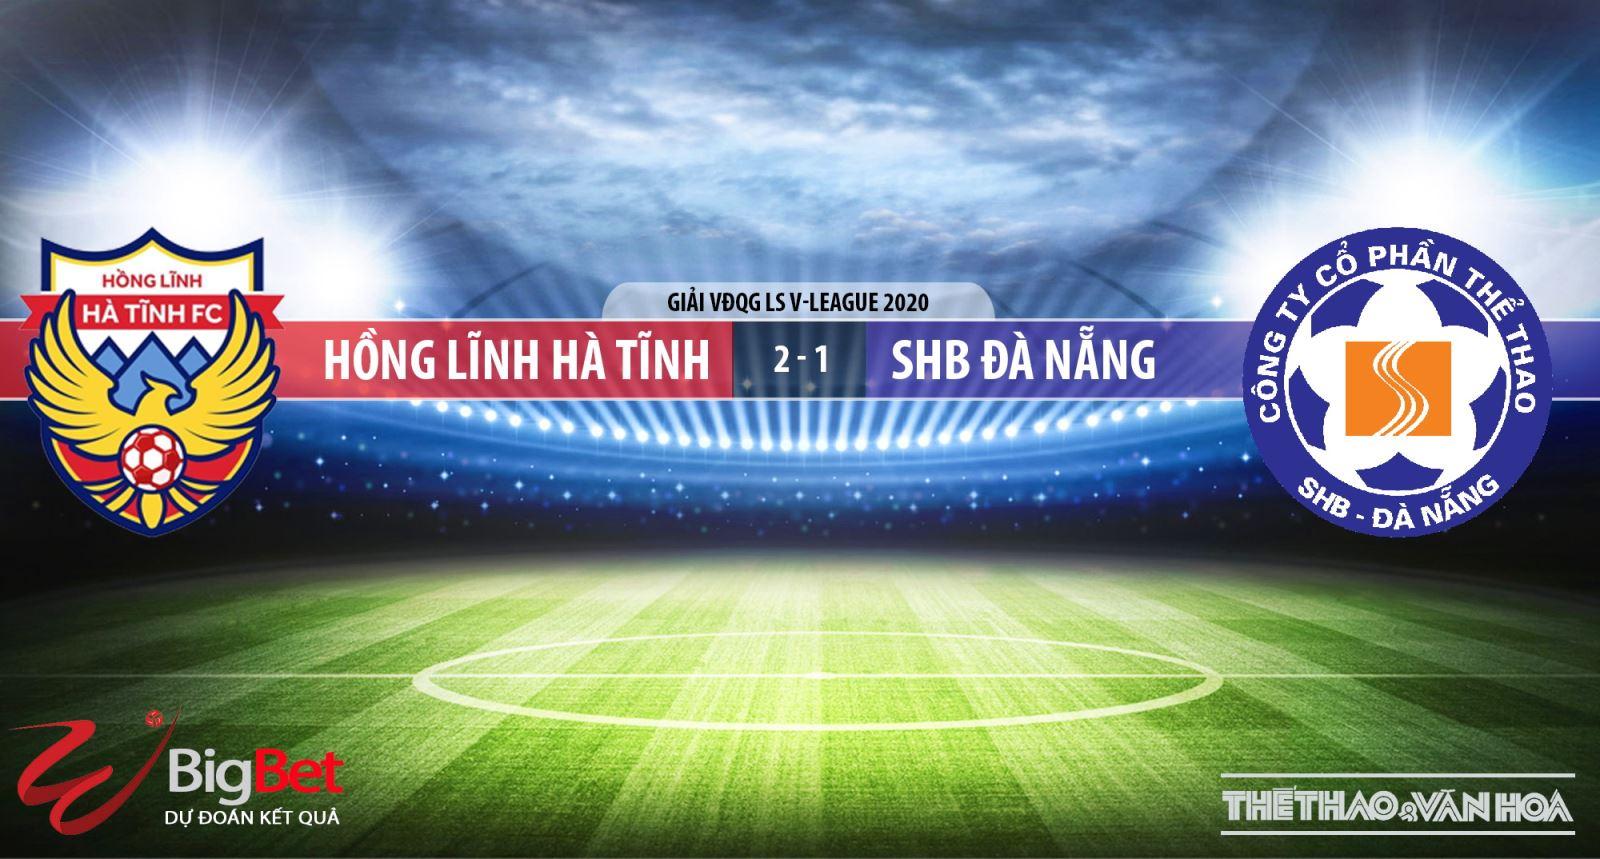 Hà Tĩnh vsSHB Đà Nẵng, Hà Tĩnh, Đà Nẵng, trực tiếp bóng đá, soi kèo bóng đá, nhận định, lịch thi đấu bóng đá, bong da